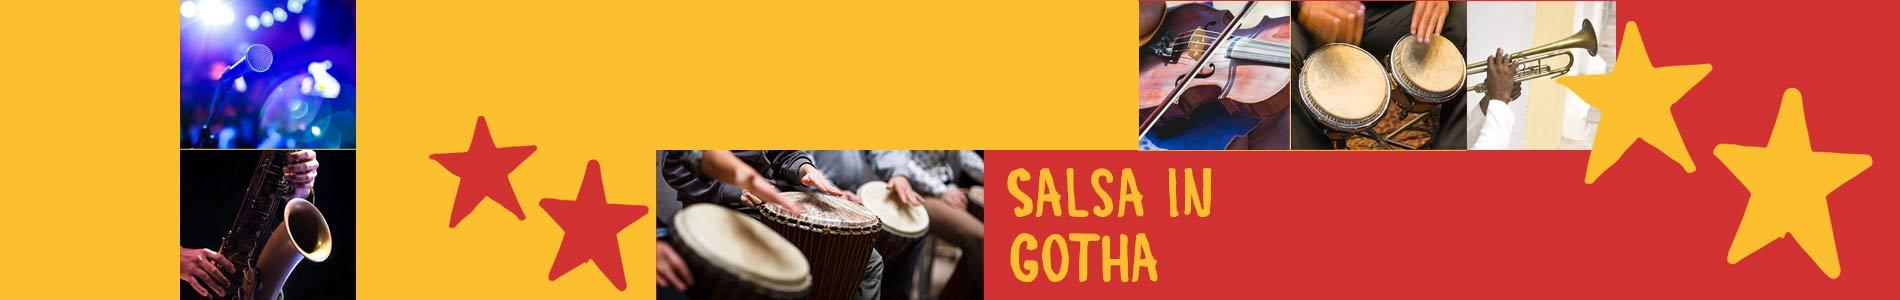 Salsa in Gotha – Salsa lernen und tanzen, Tanzkurse, Partys, Veranstaltungen